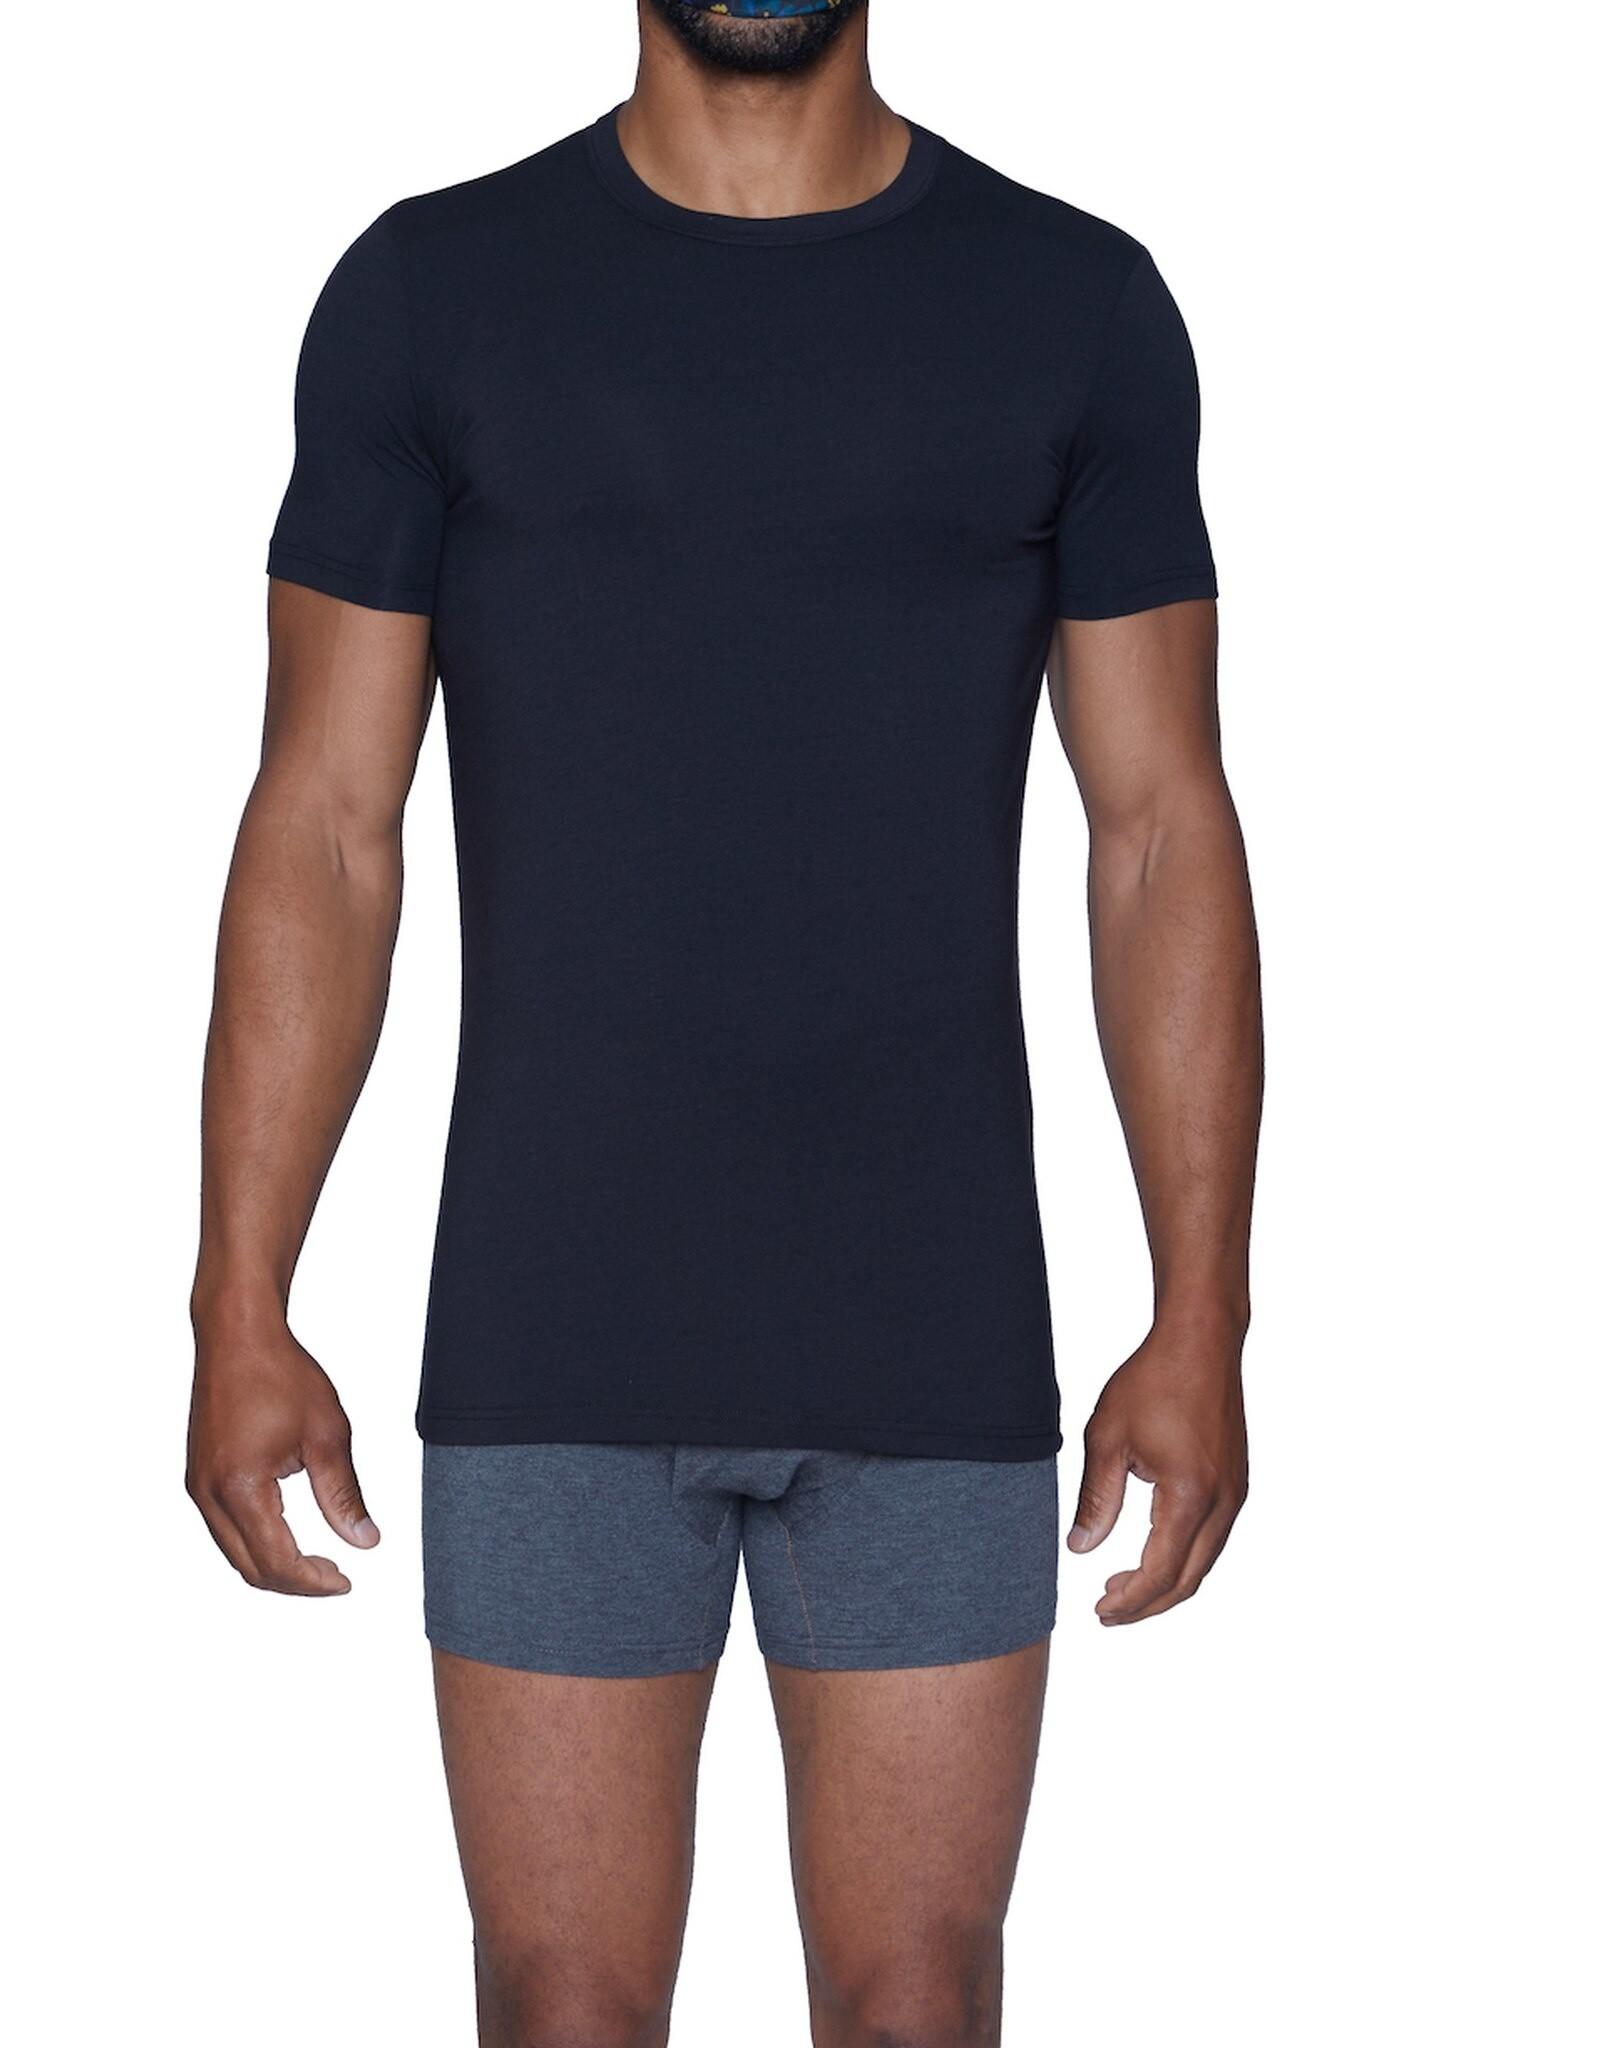 Wood Underwear Crew Neck Undershirt